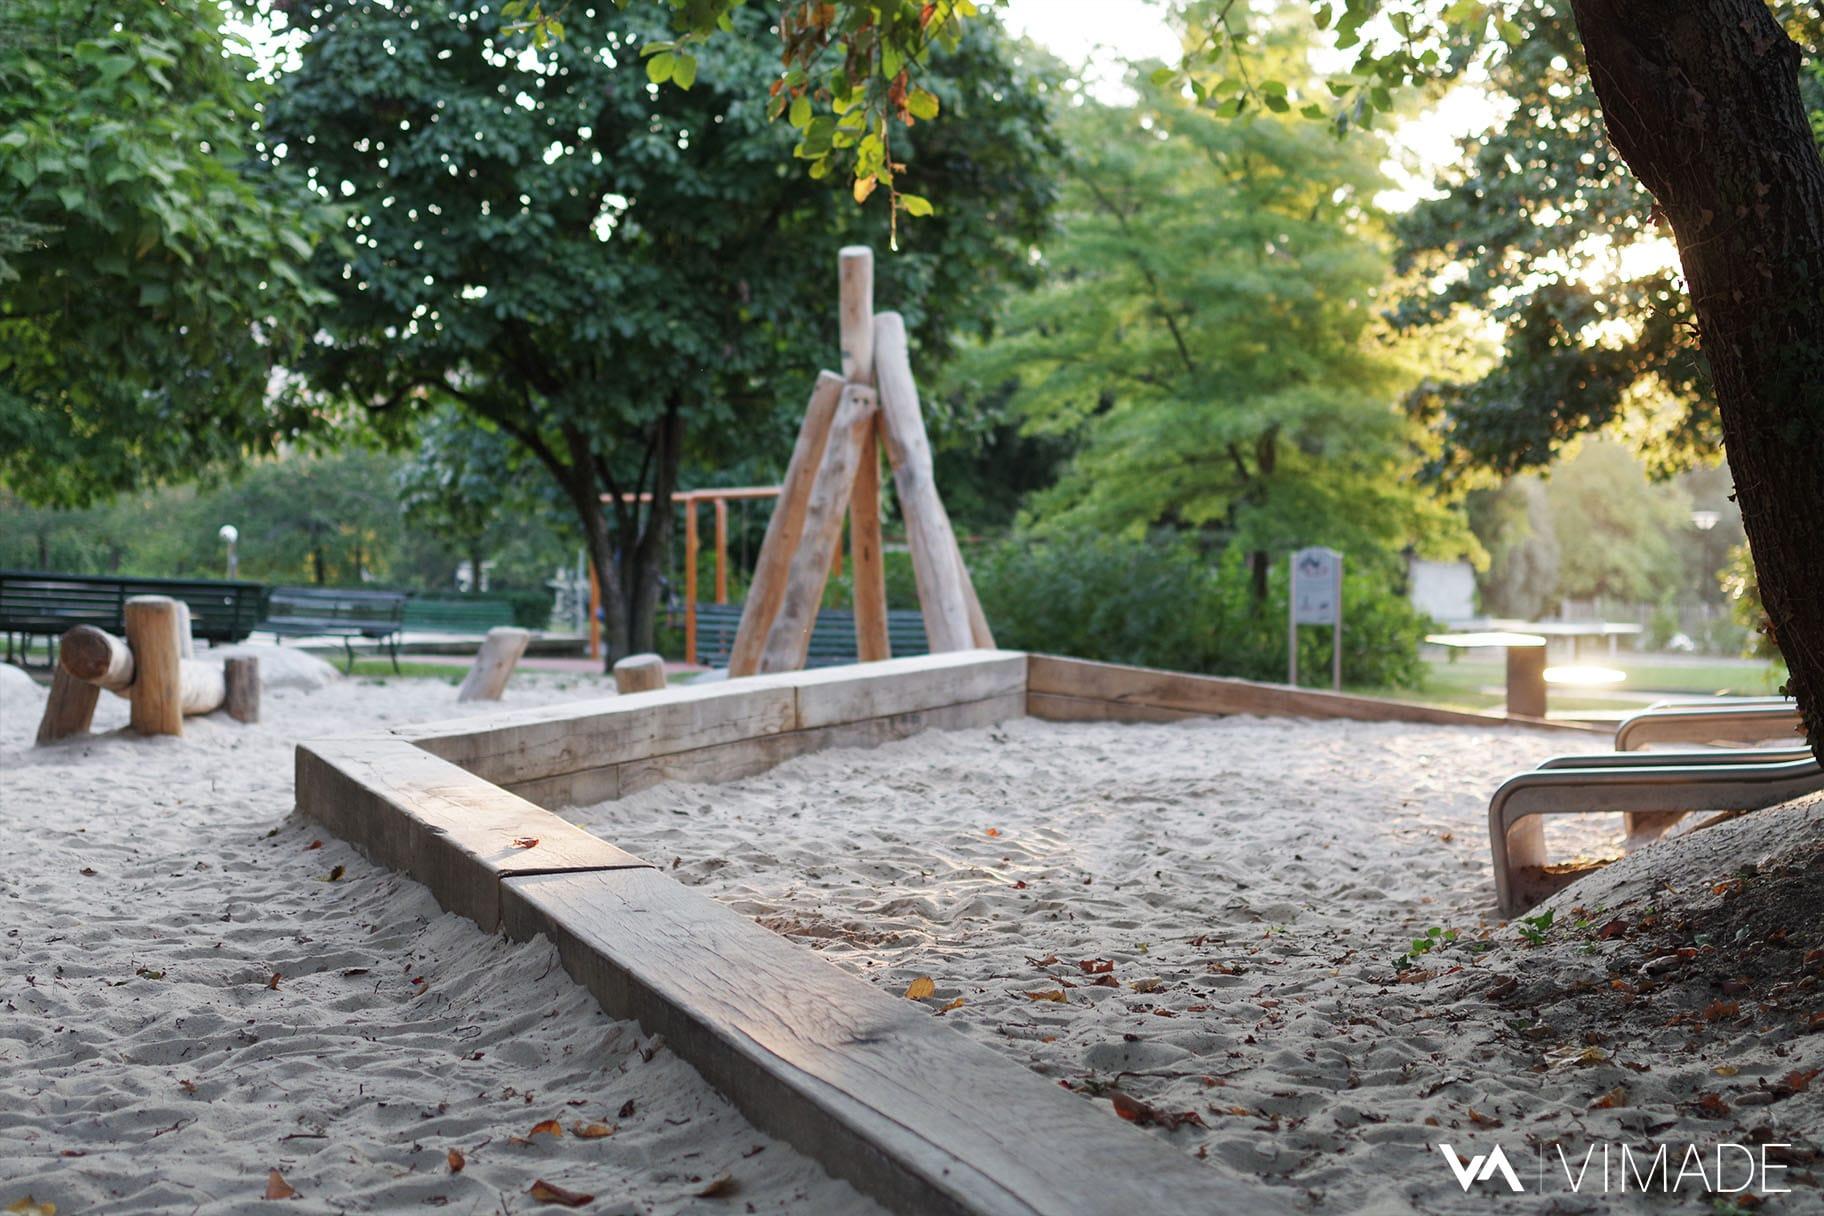 Réaménagement du bac à sable du parc des Franchises par le bureau VIMADE.